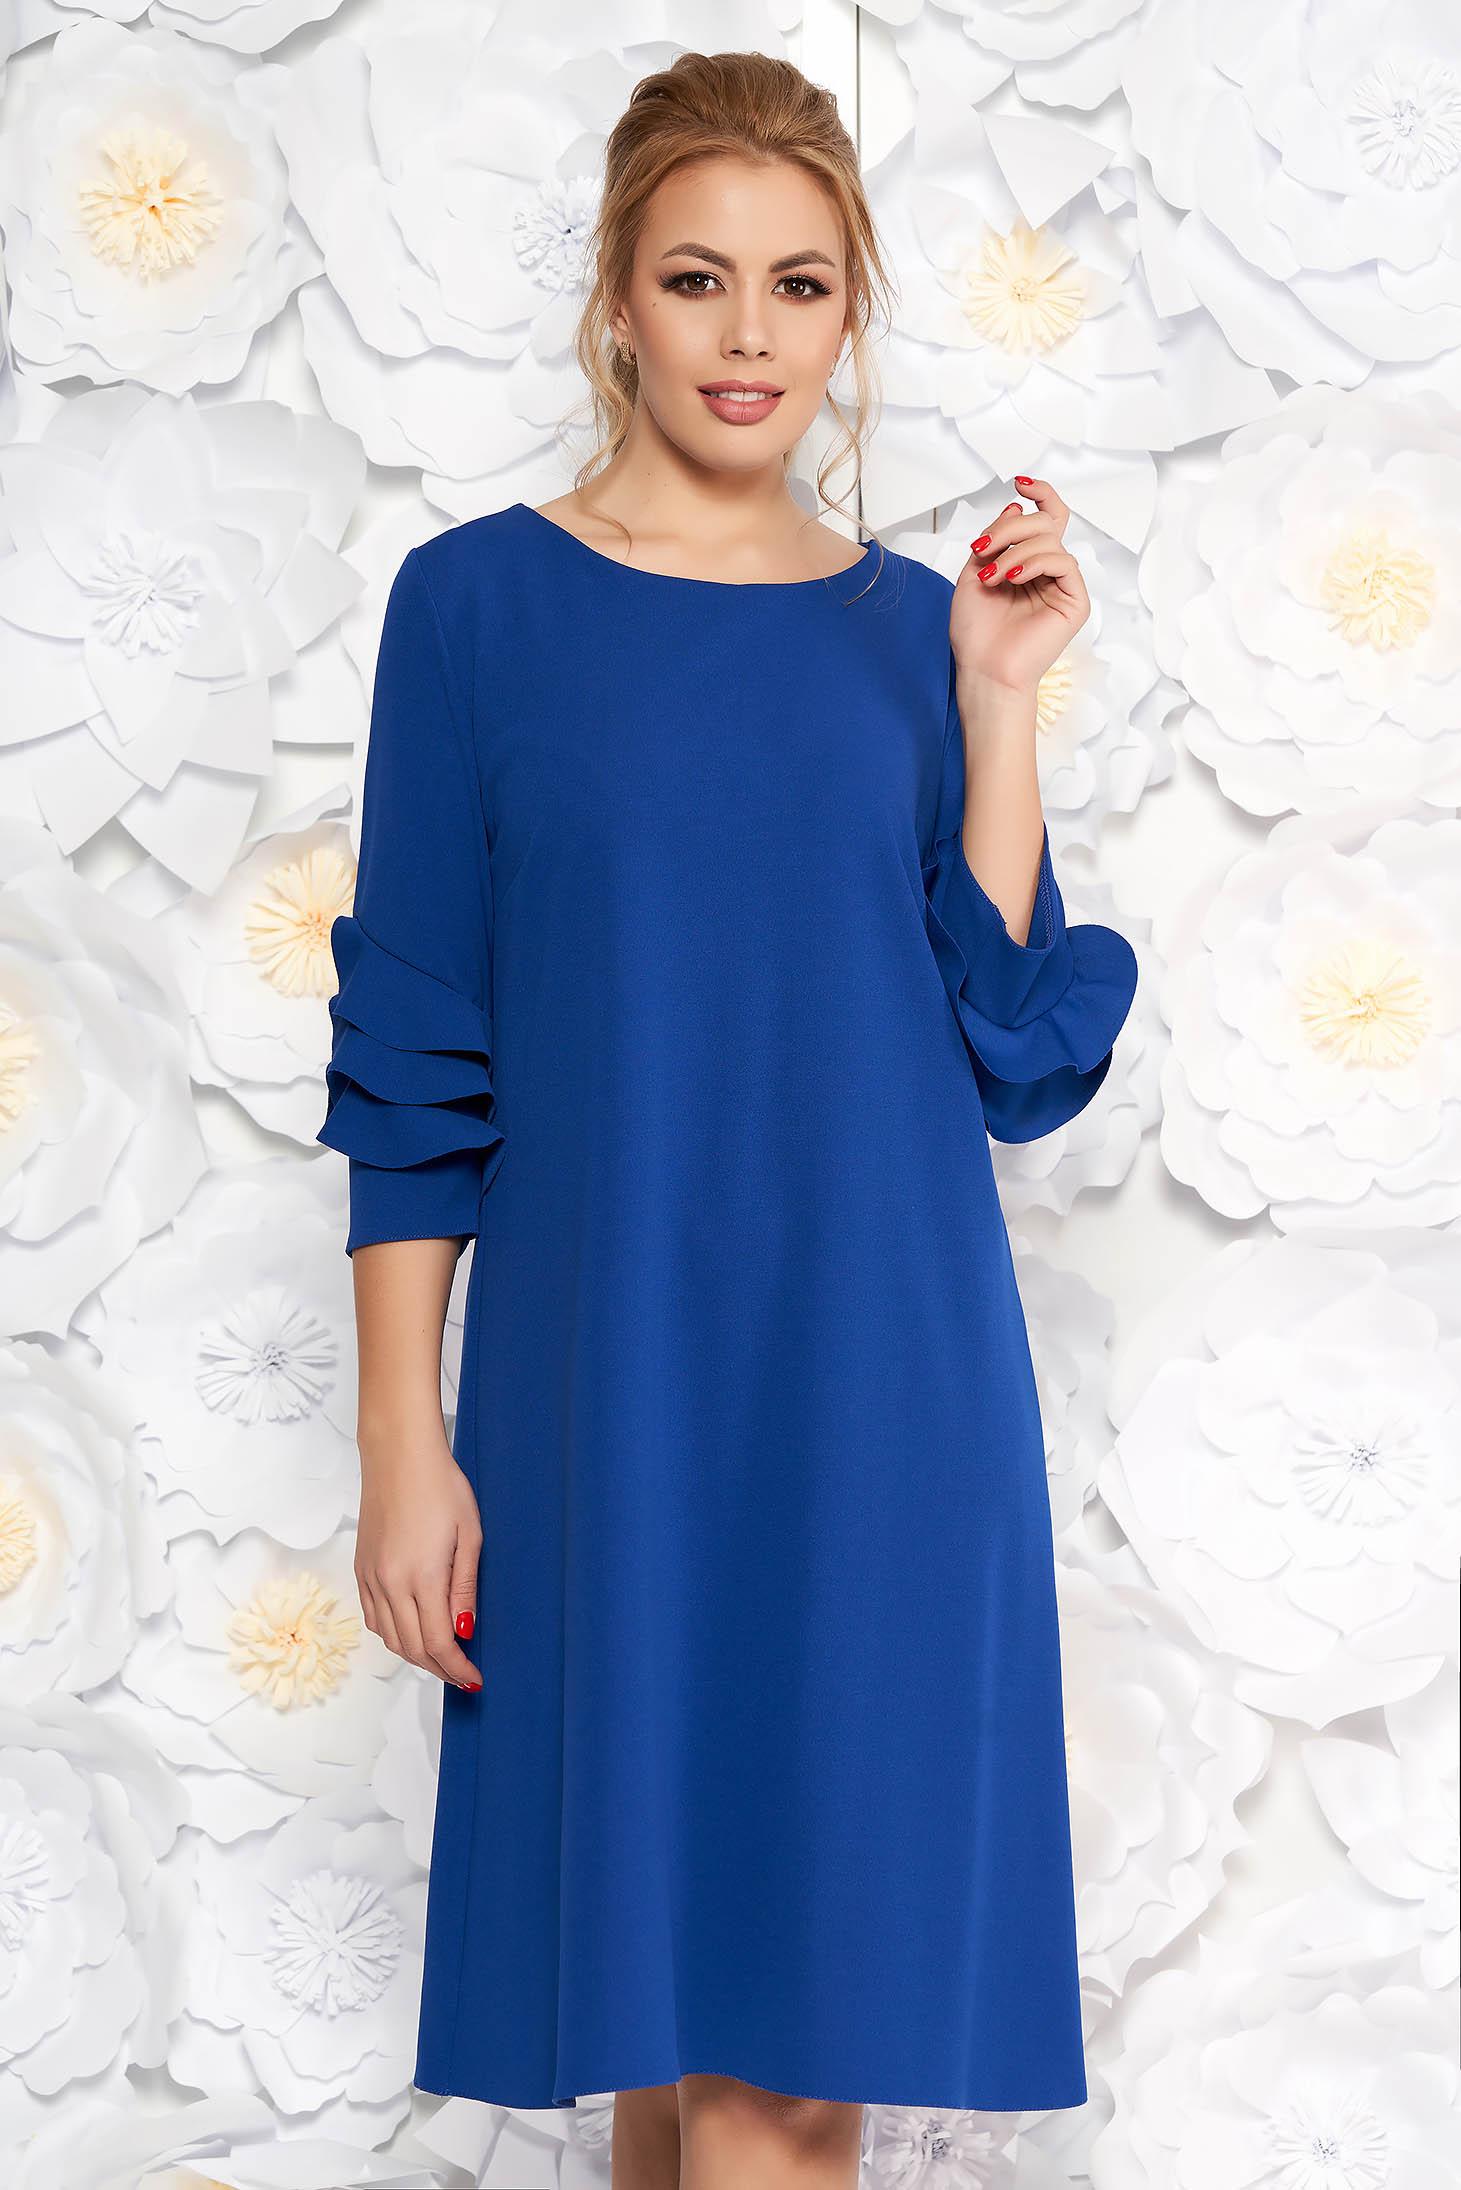 Kék elegáns bő szabású ruha enyhén rugalmas anyag fodrozott ujjakkal